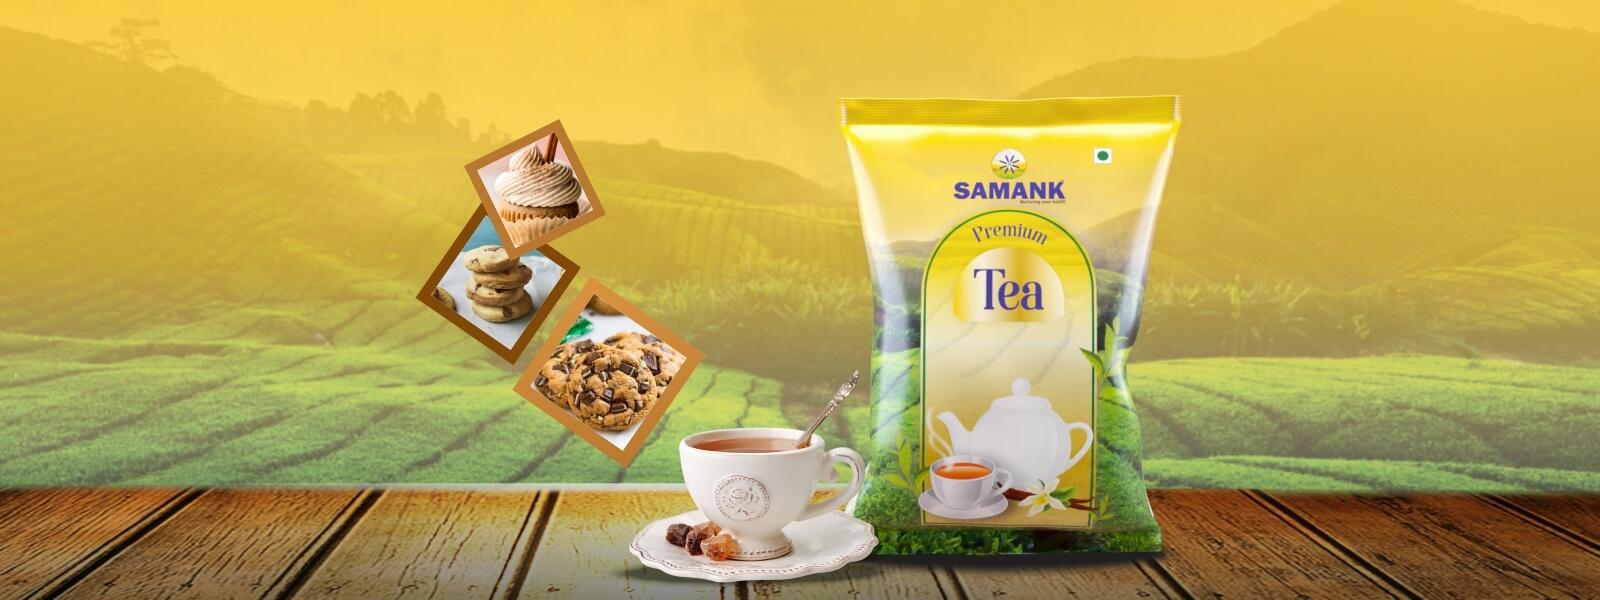 SAMANK_TEA_WEB_BANNER